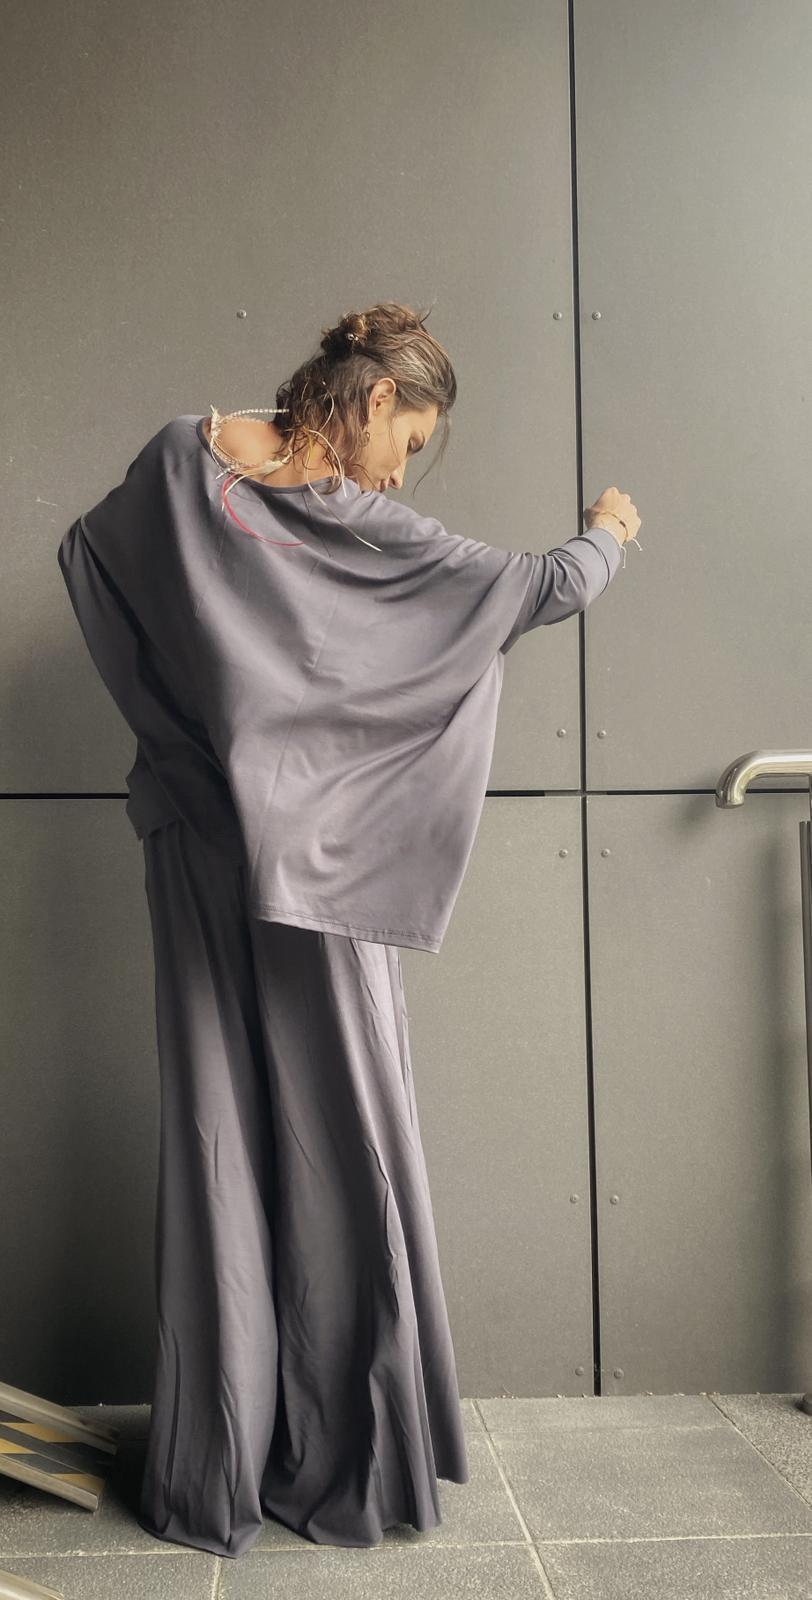 Bluza ponczo szeroka oversize bardzo luźna - Agi Jensen Design